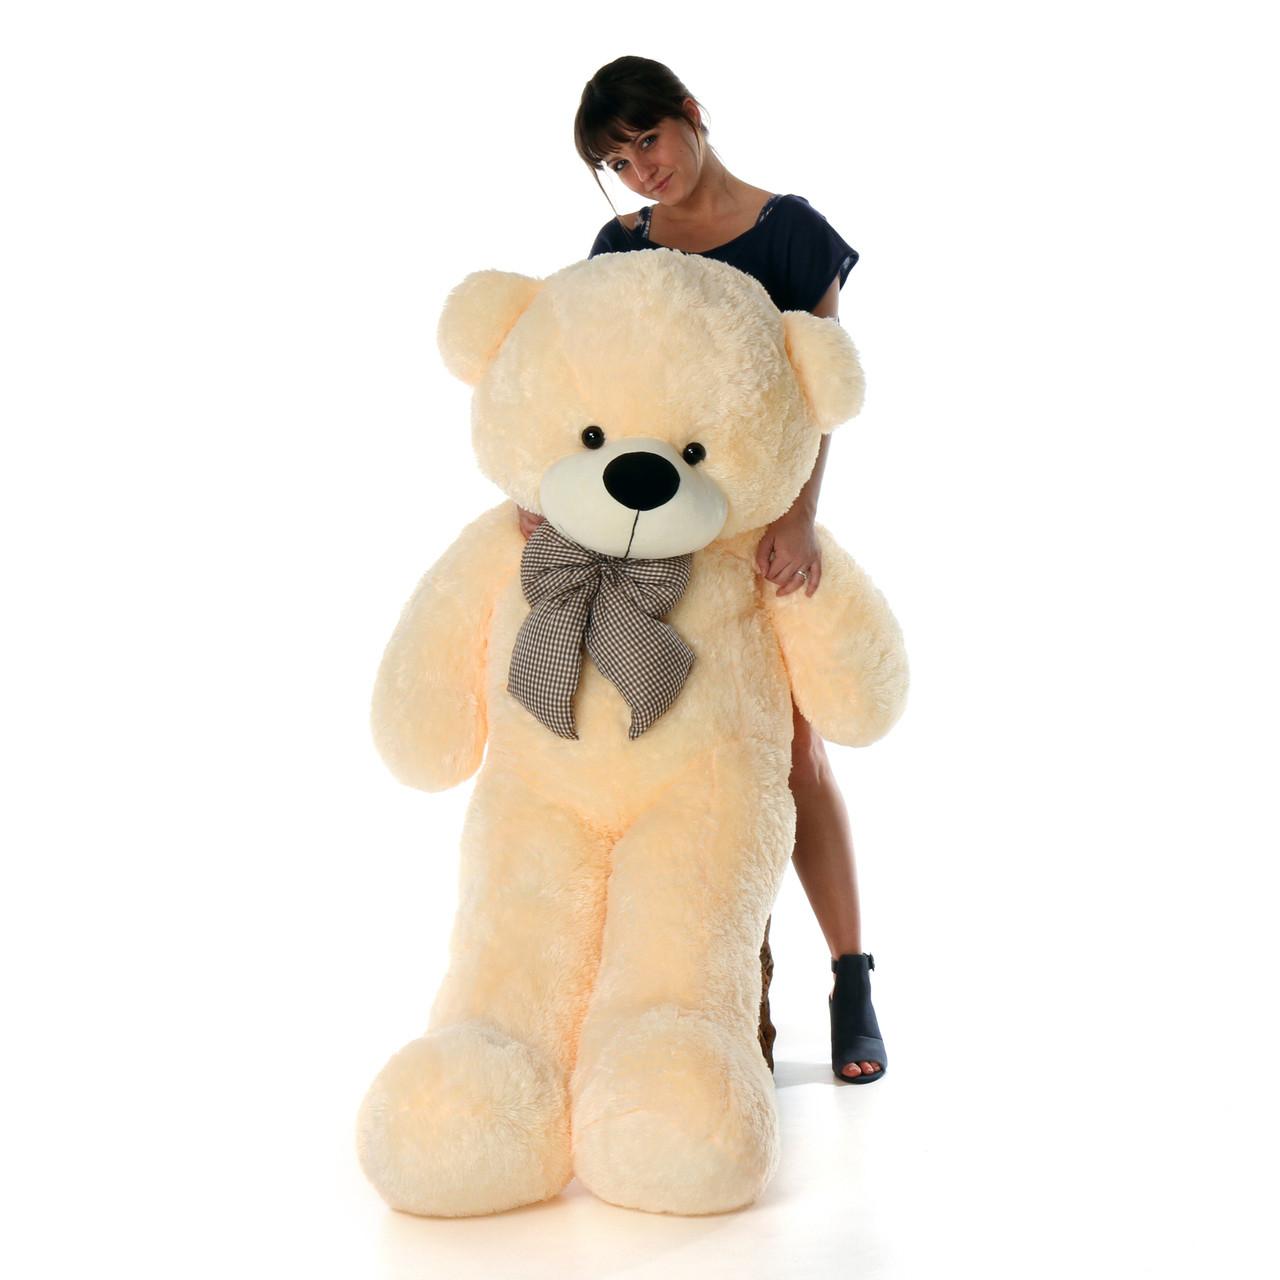 Cozy Cuddles cream teddy bear 55in